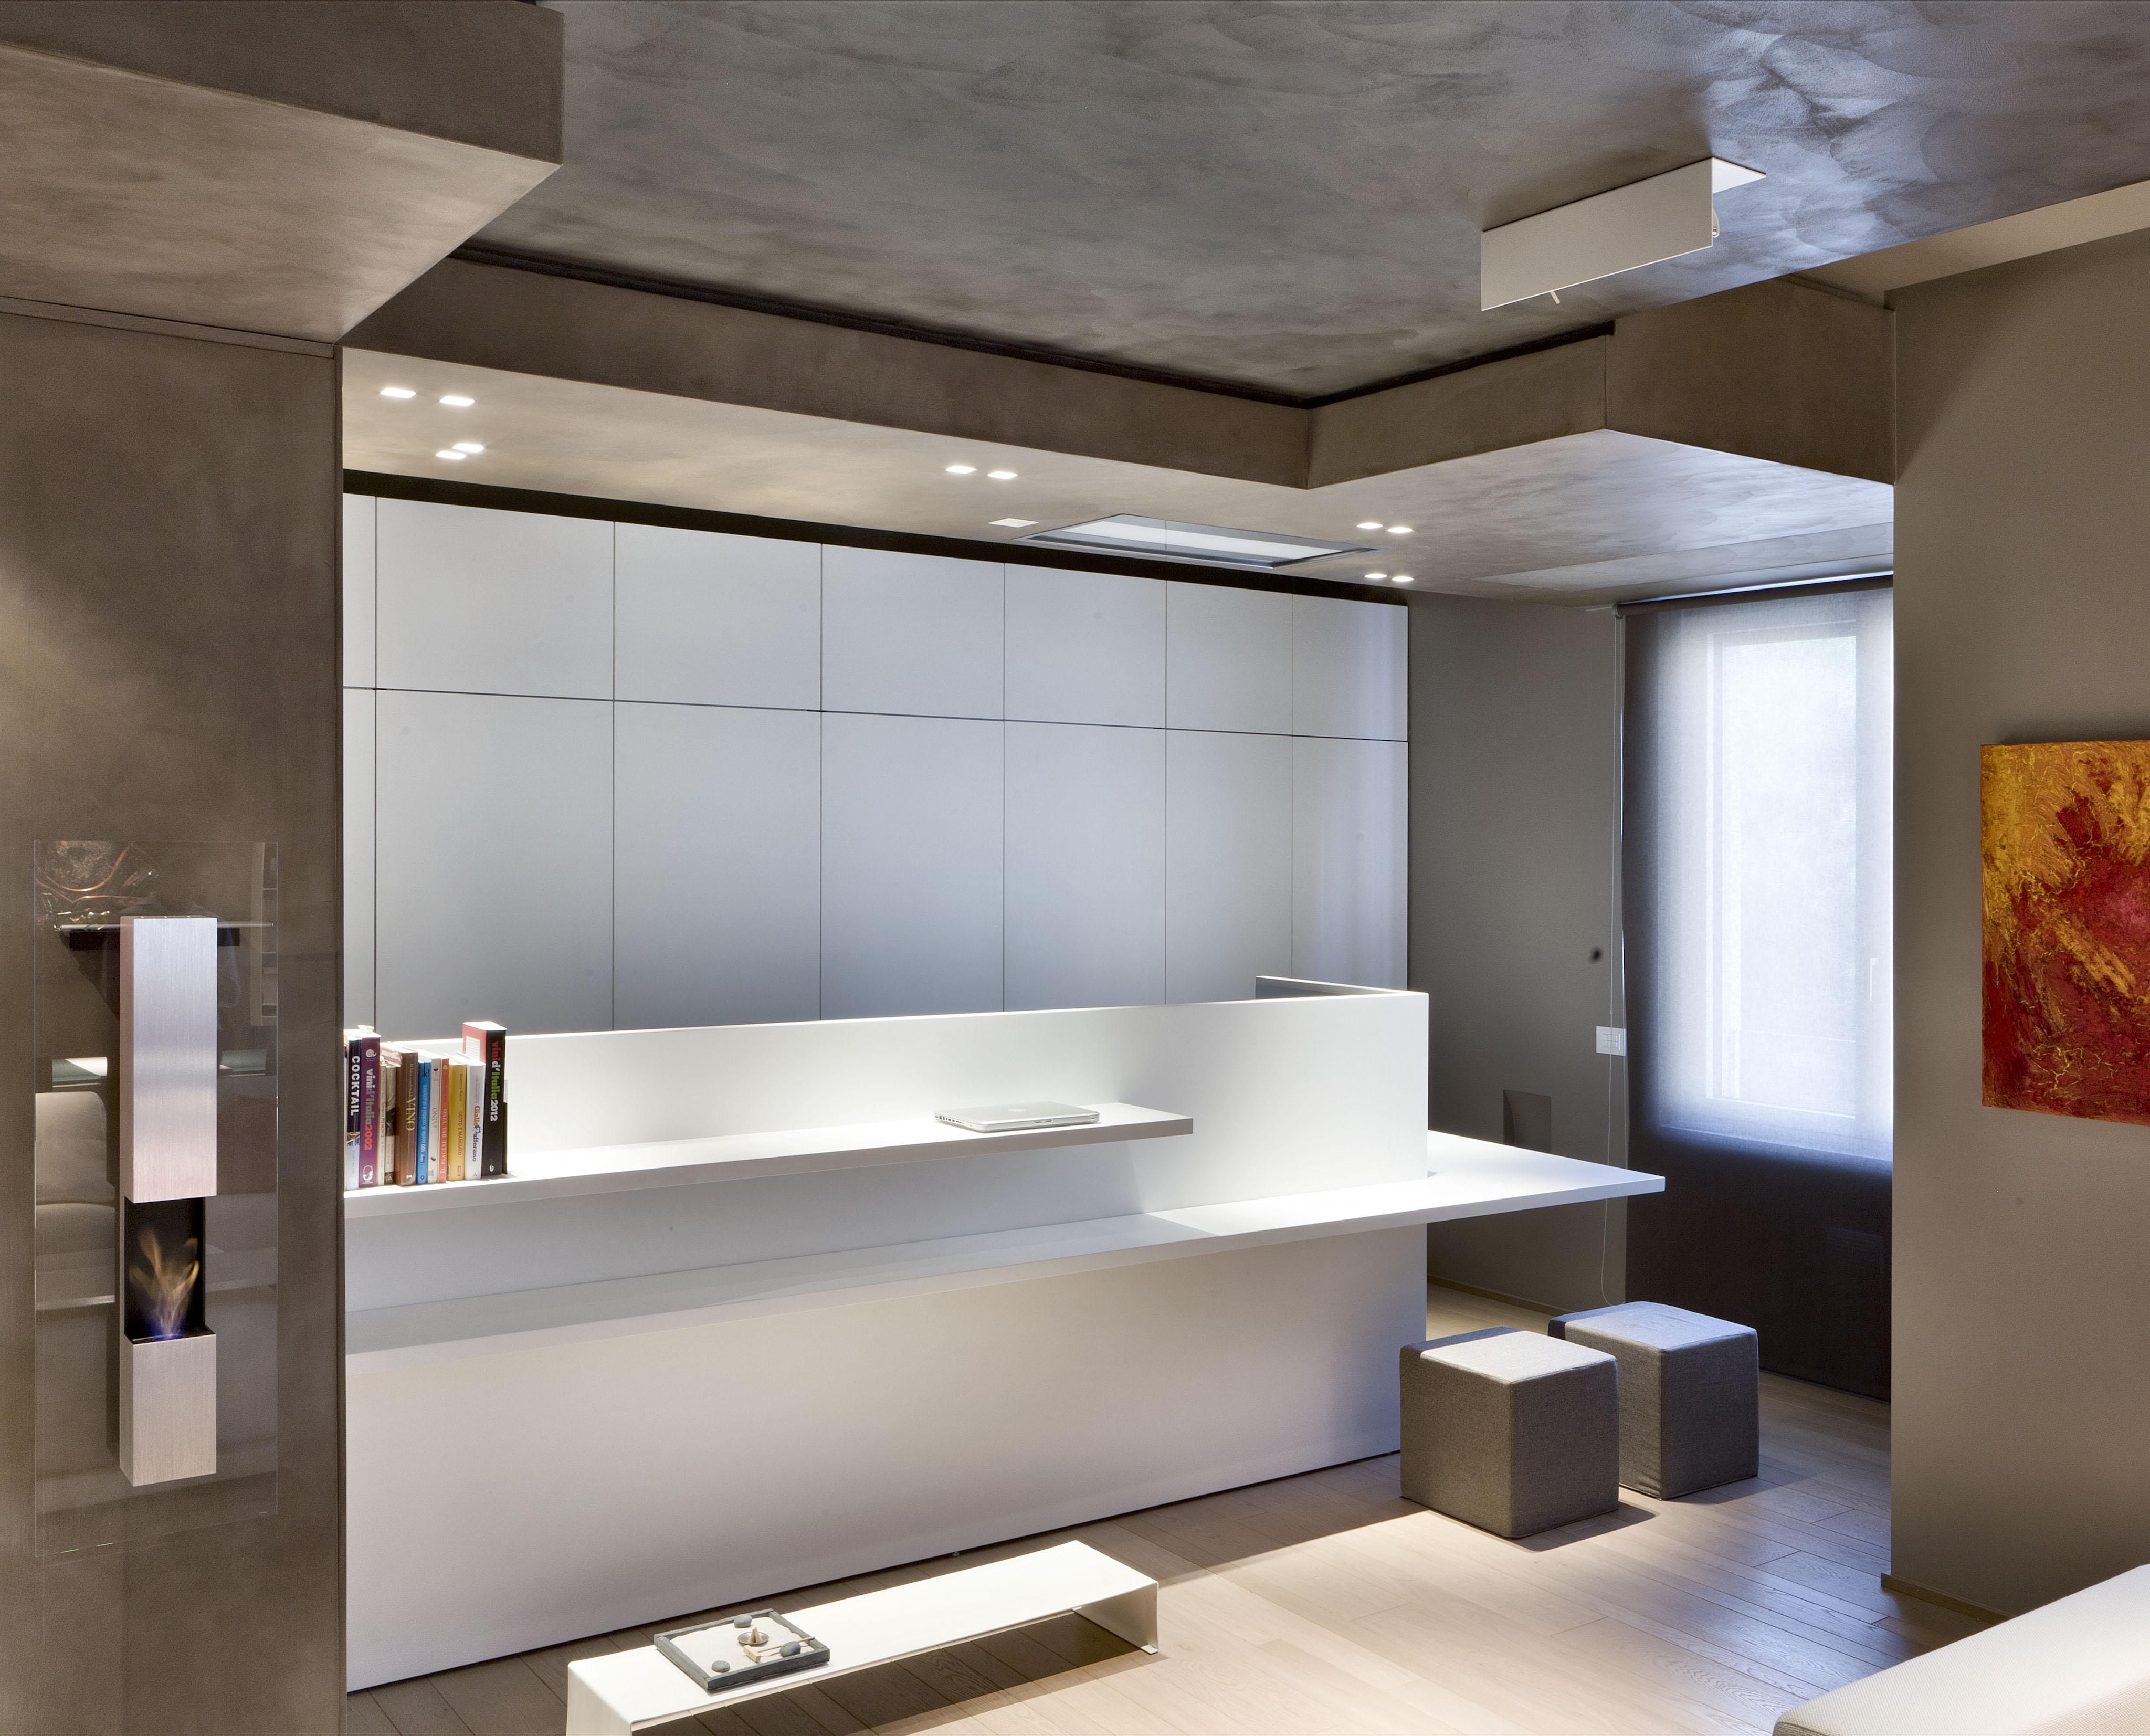 Trilocale in vendita a milano centro via carducci for Appartamento stile newyorkese